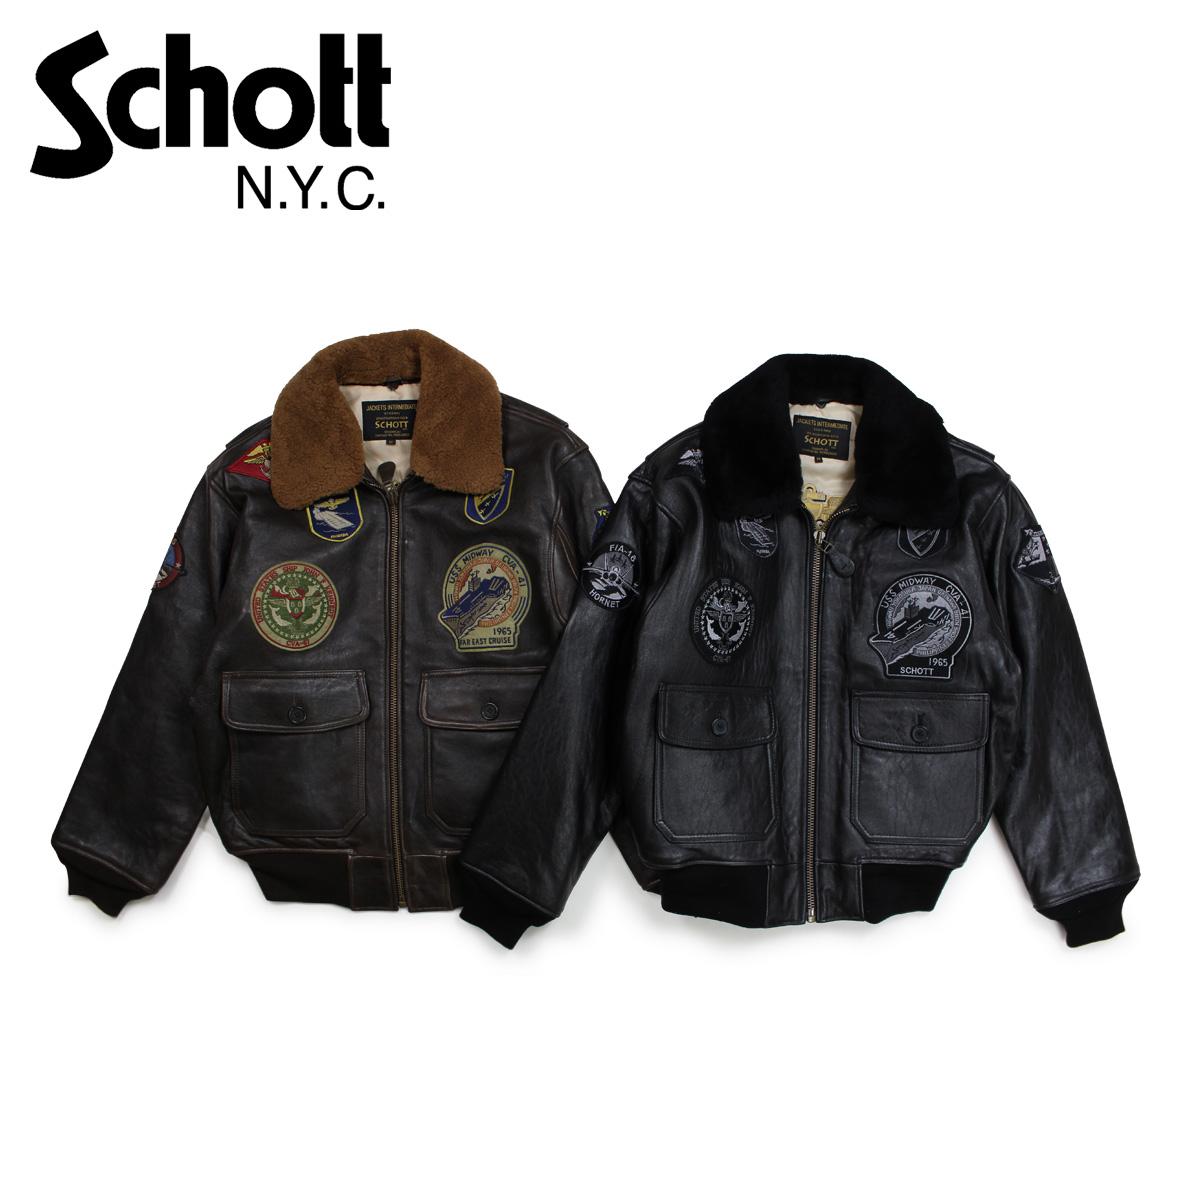 【最大2000円OFFクーポン】 ショット Schott ジャケット ボンバージャケット メンズ MEN G-1 WINGS OF GOLD LEATHER BOMBER JACKET ブラック ブラウン G1TG